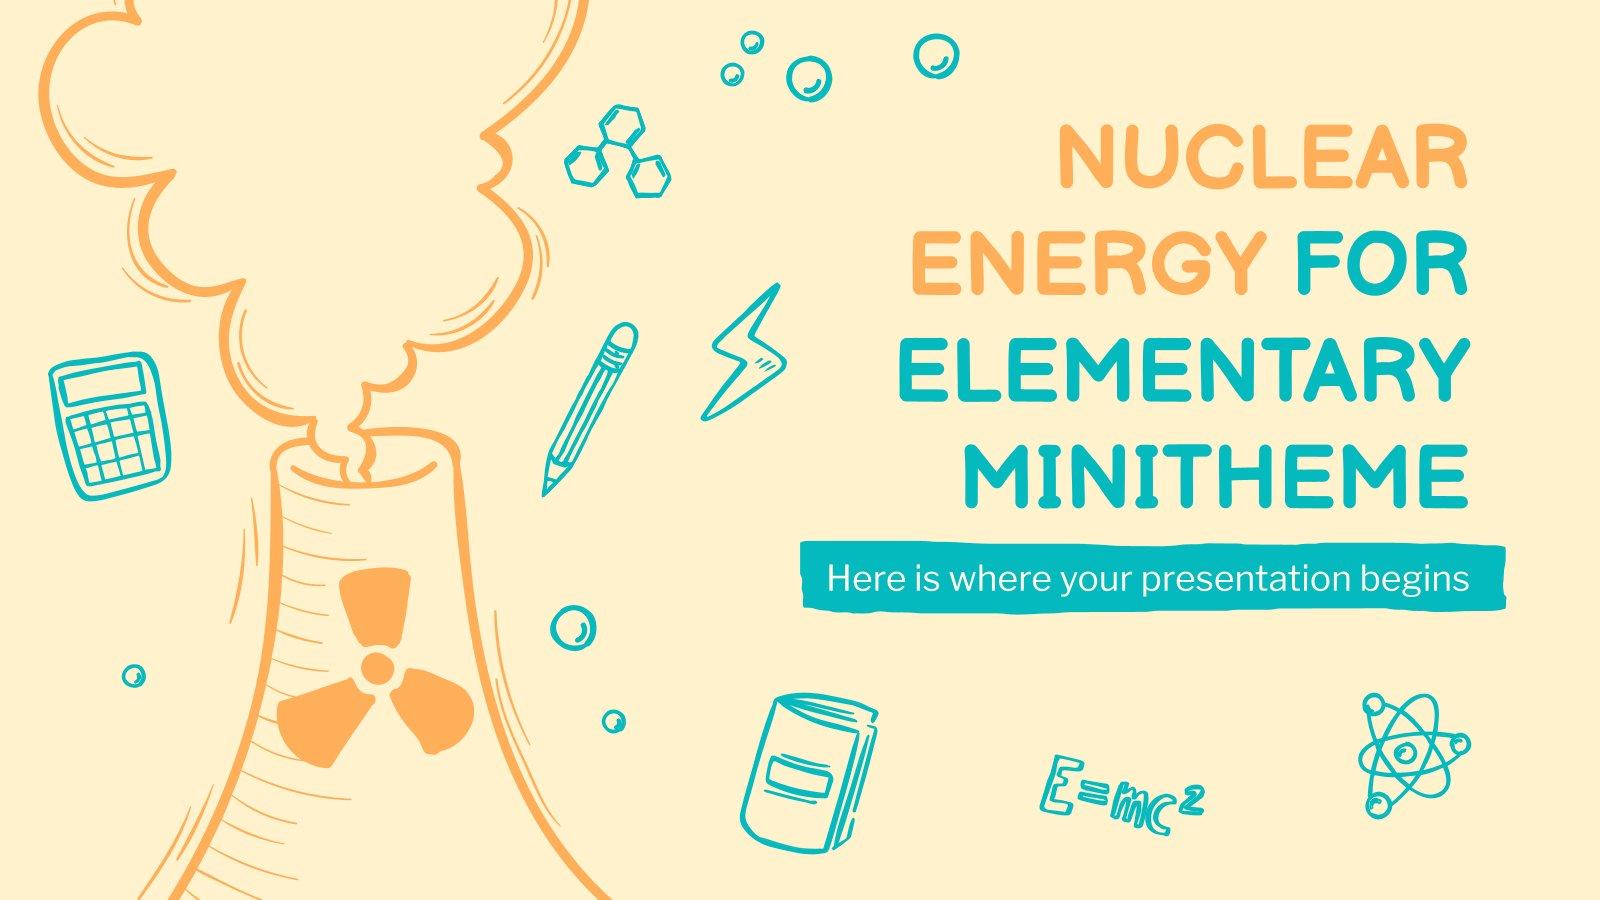 Nuclear Energy for Elementary Minitheme presentation template